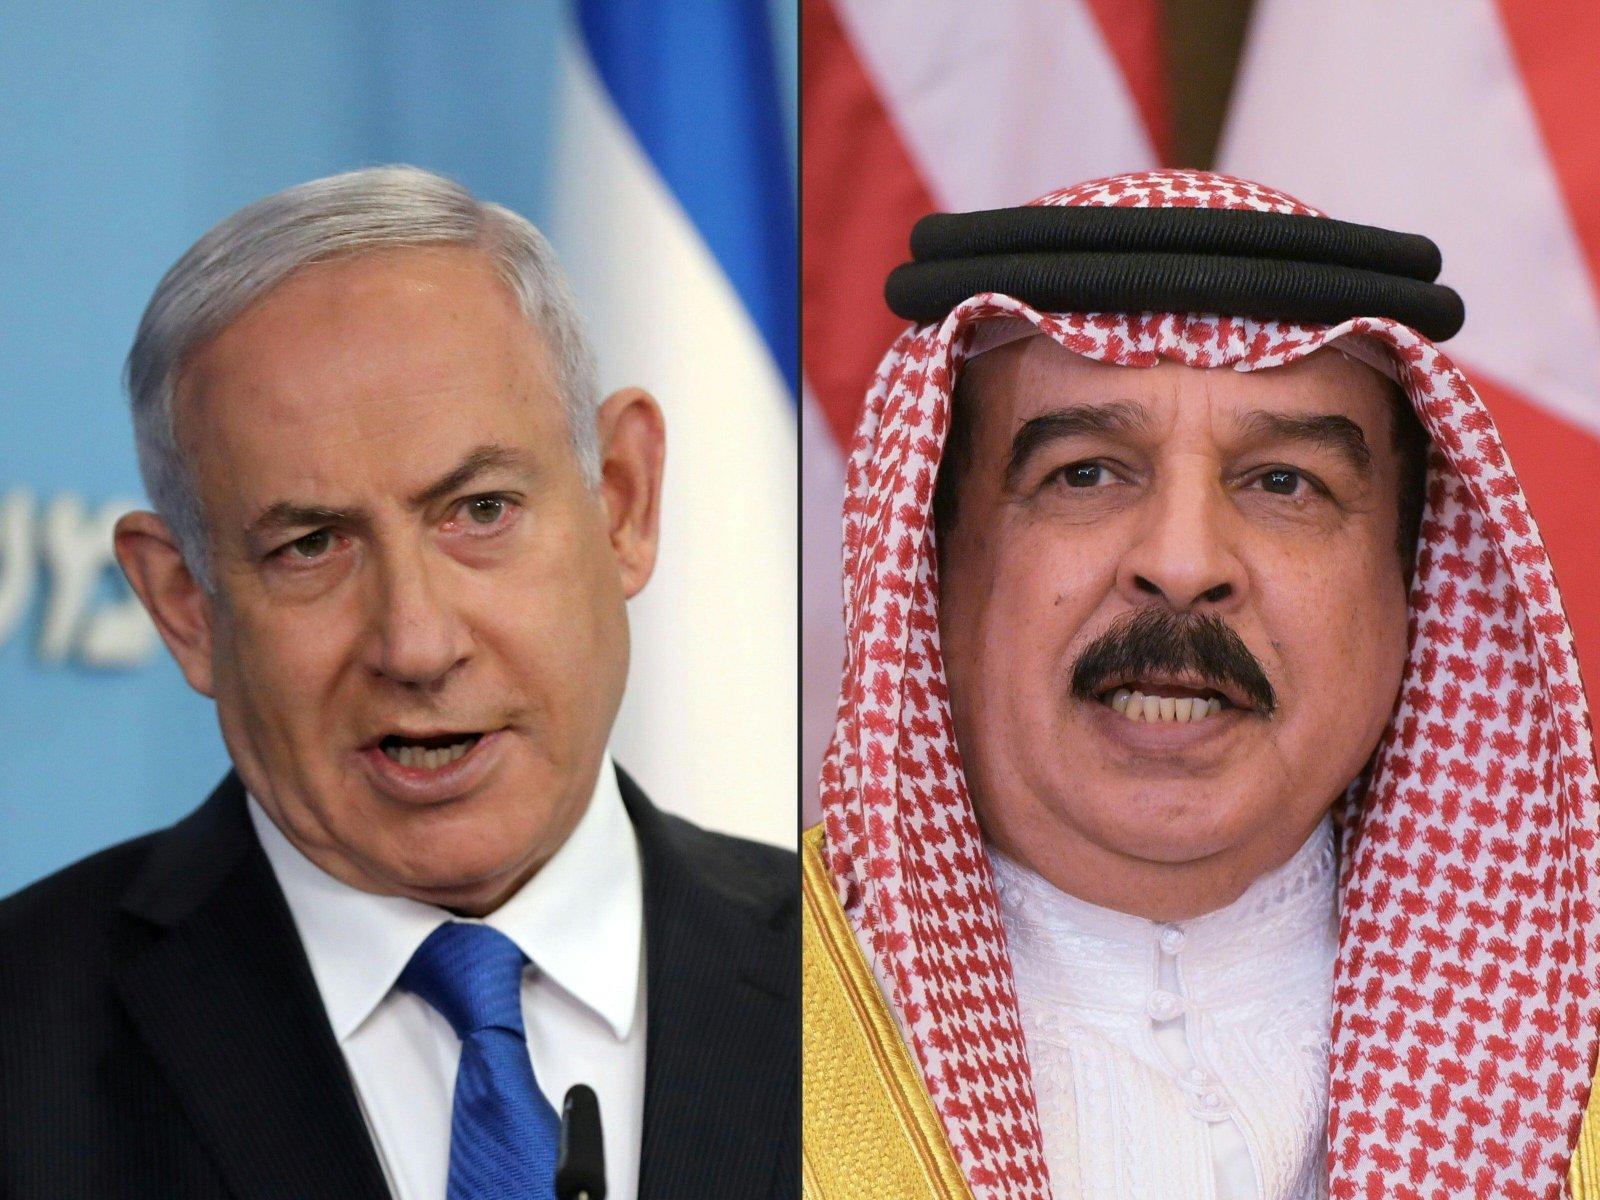 USA president Donald Trump teatas reedel, et Iisrael ja Bahrein sõlmivad rahu.